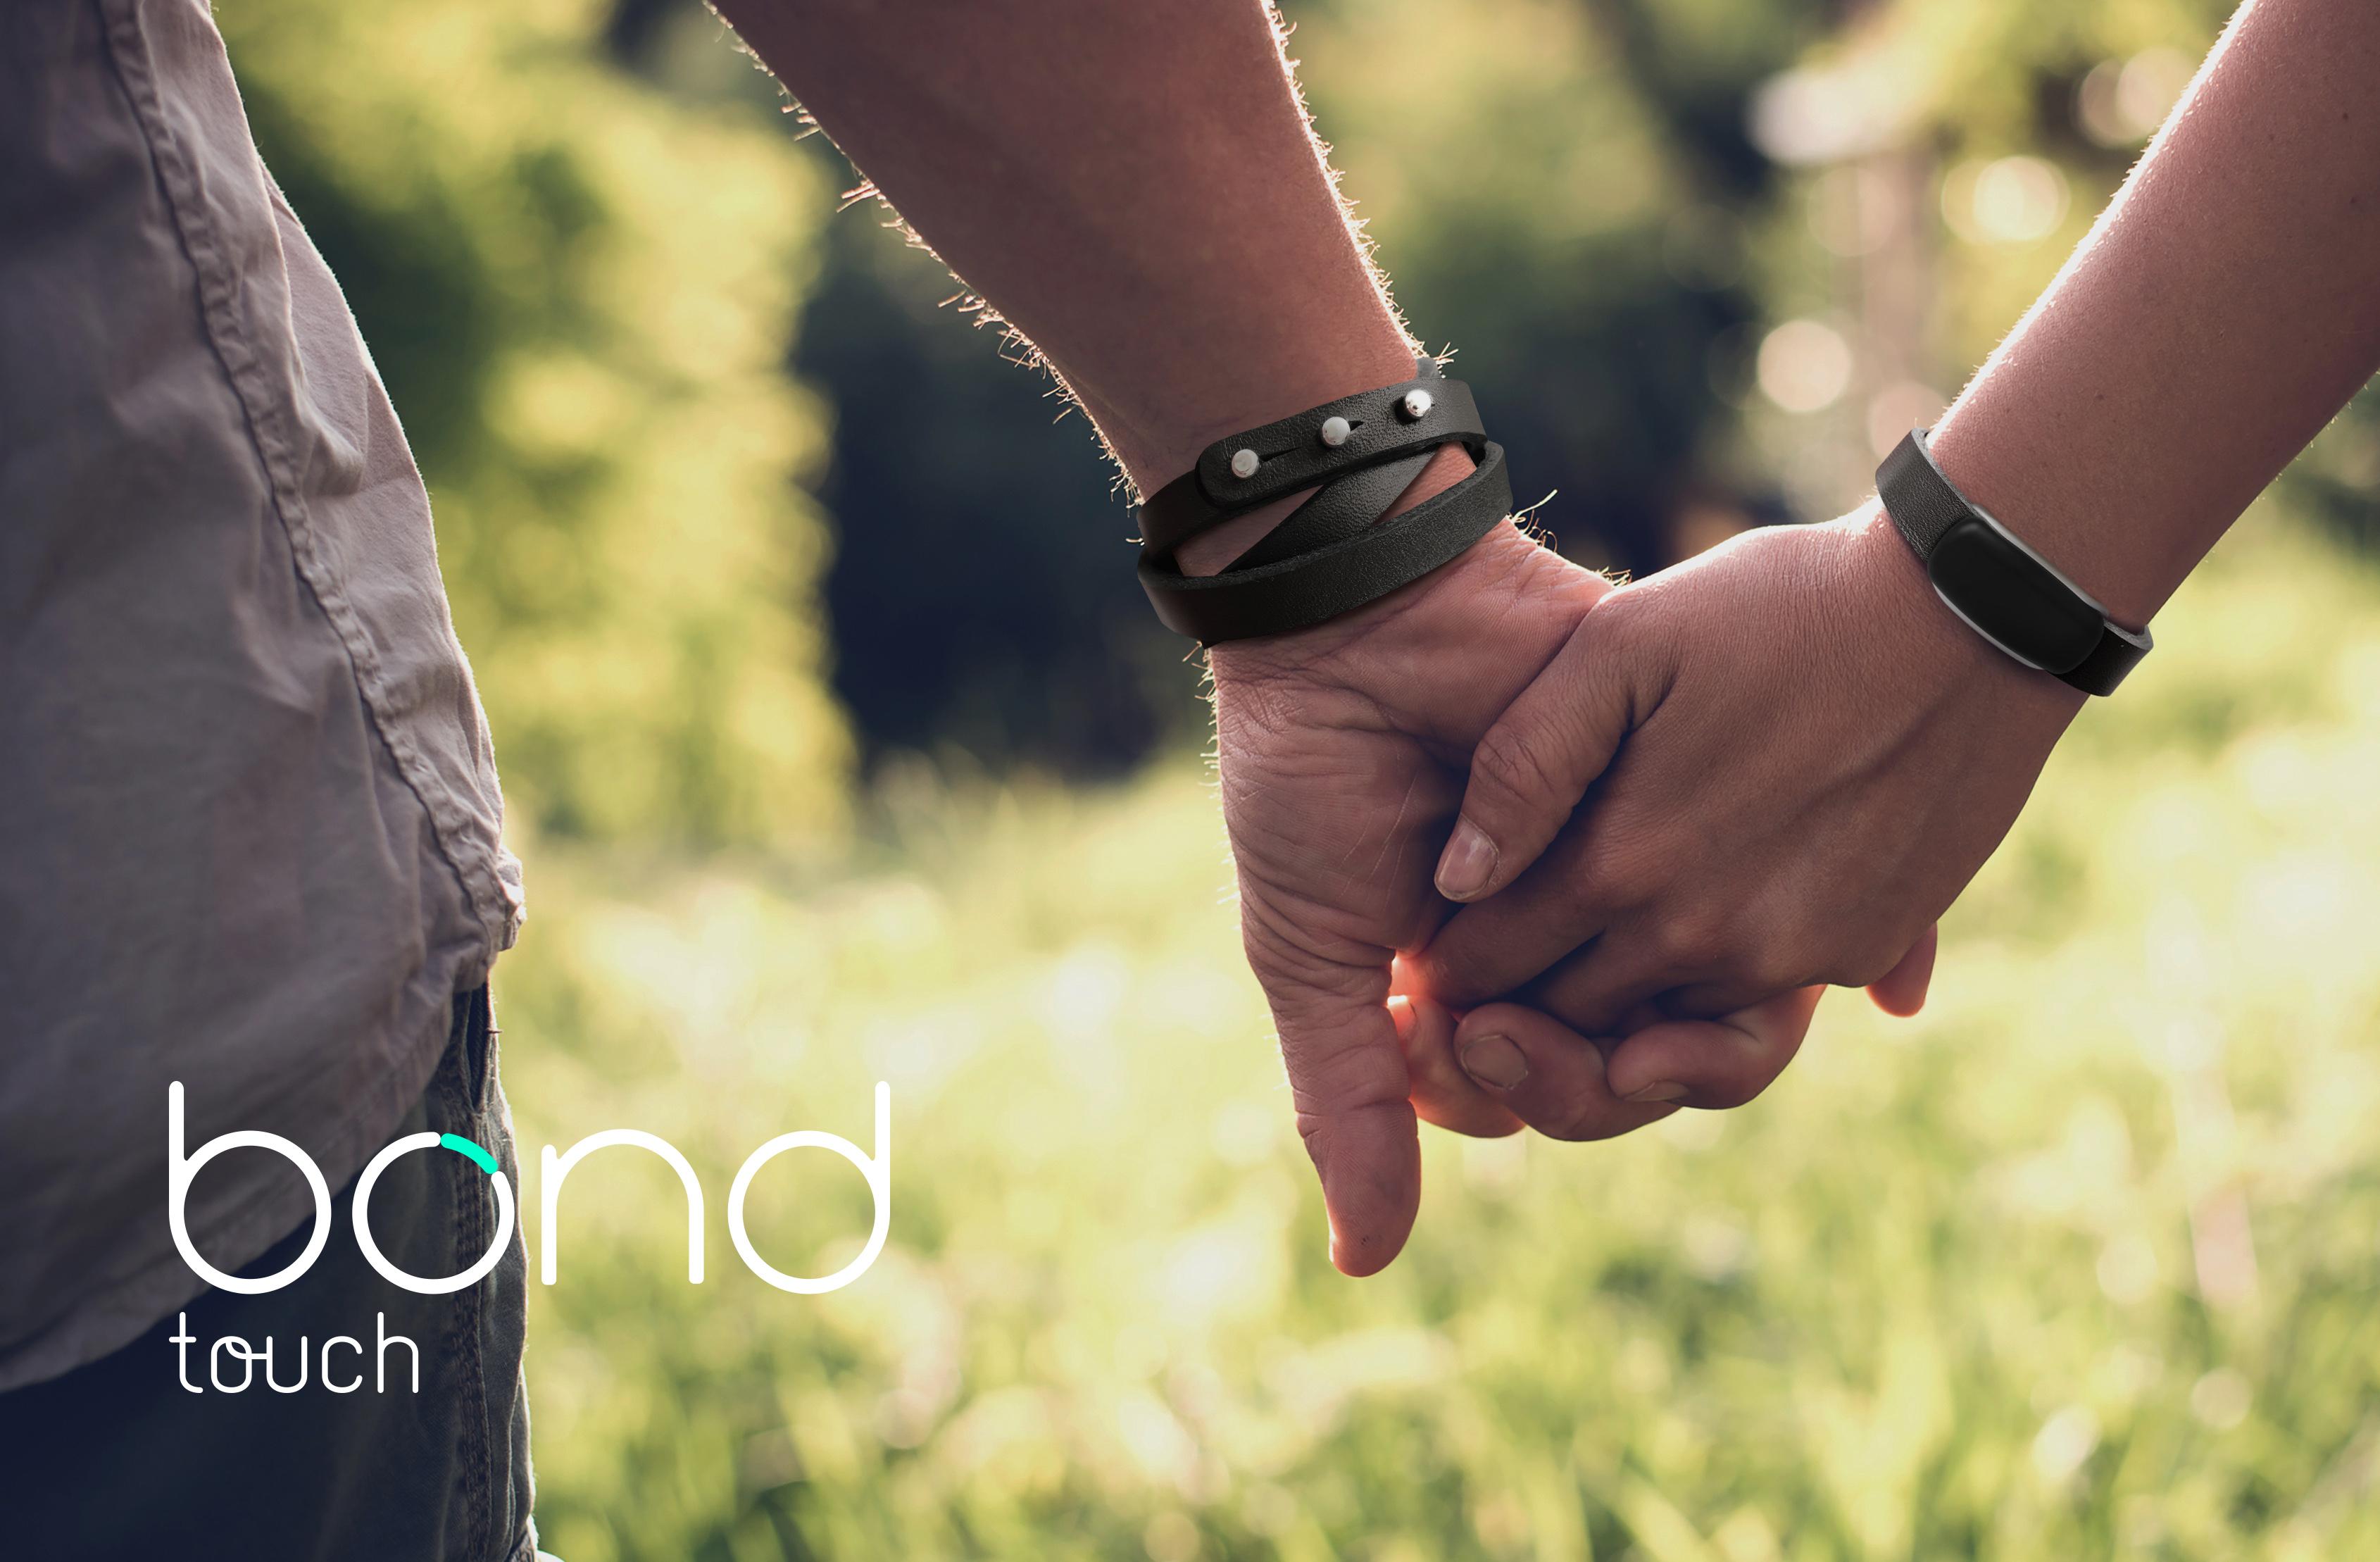 Read more about the article BOND Touch: Uma forma diferente de comunicar com os que mais gosta